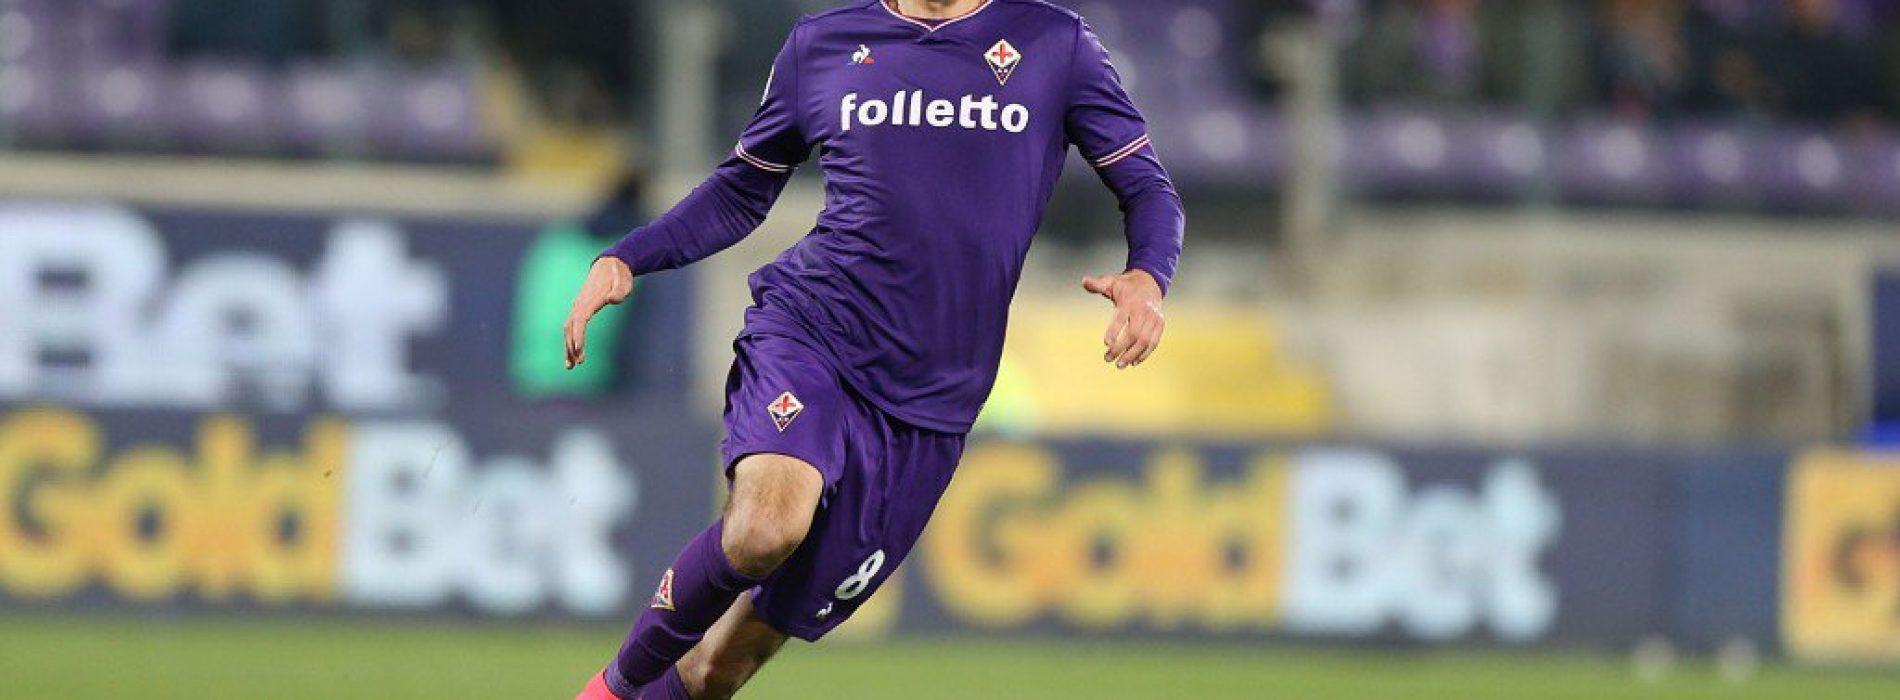 Mercato Lecce, l'obiettivo resta Riccardo Saponara